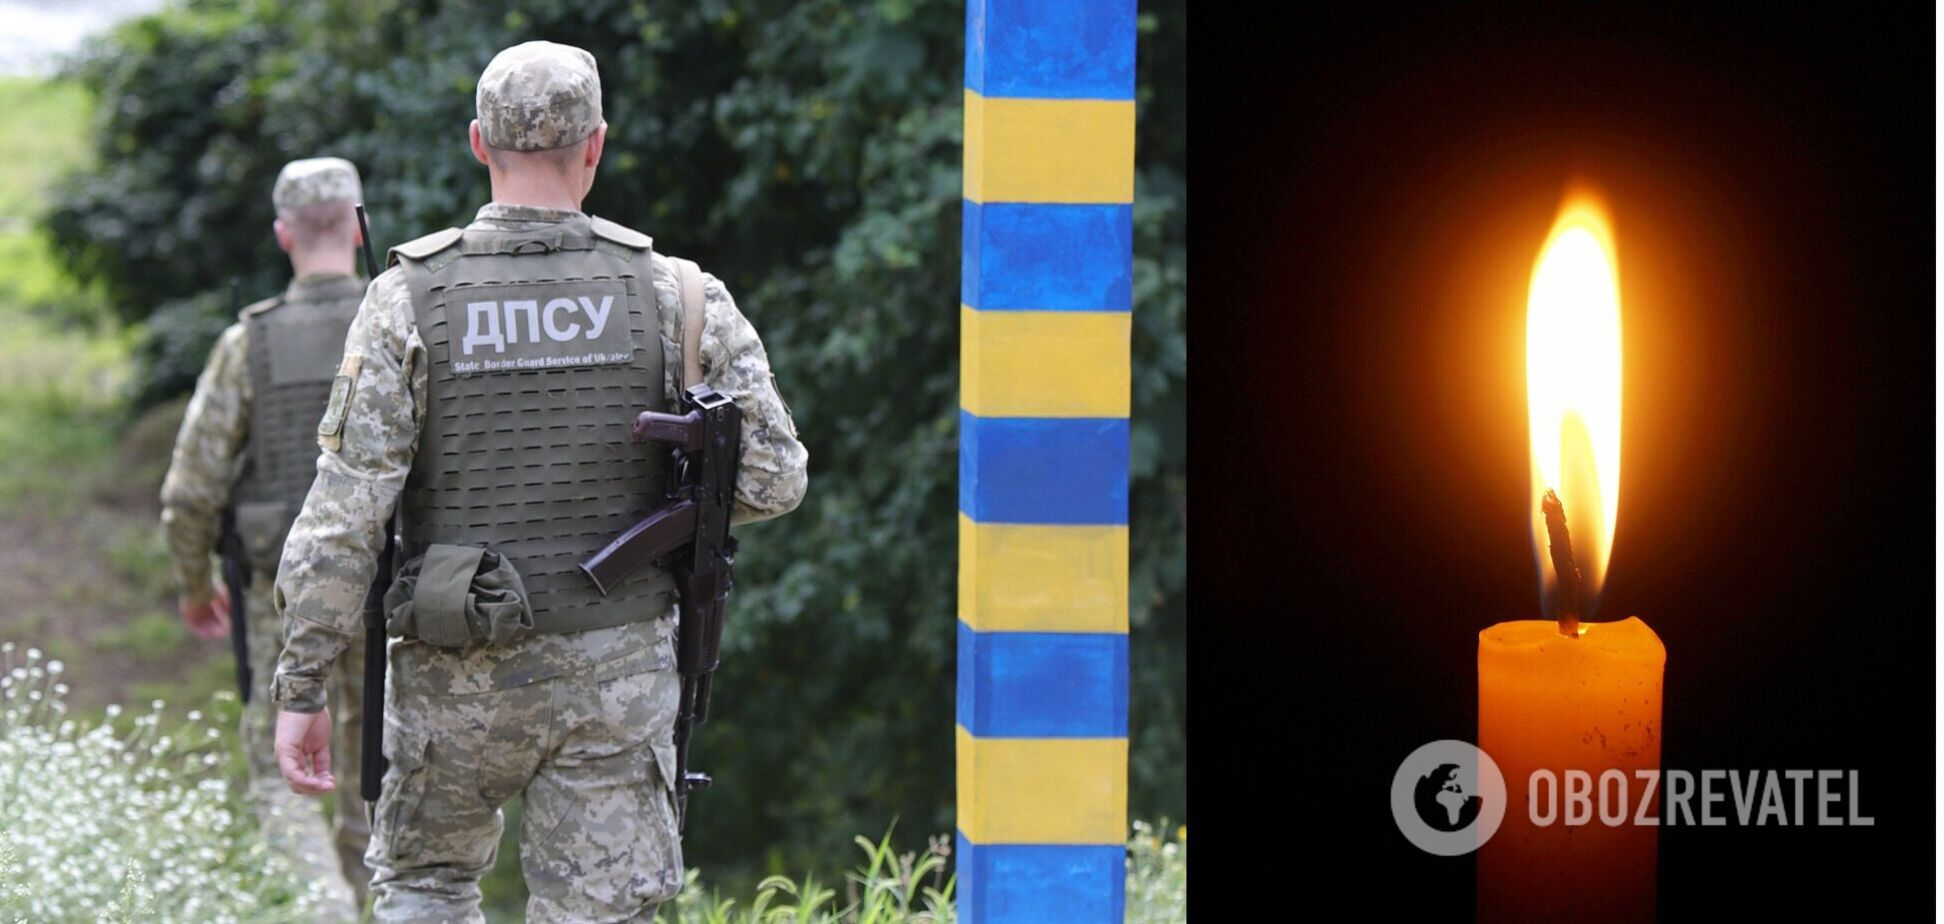 Прикордонник із Чернівецької області покінчив життя самогубством